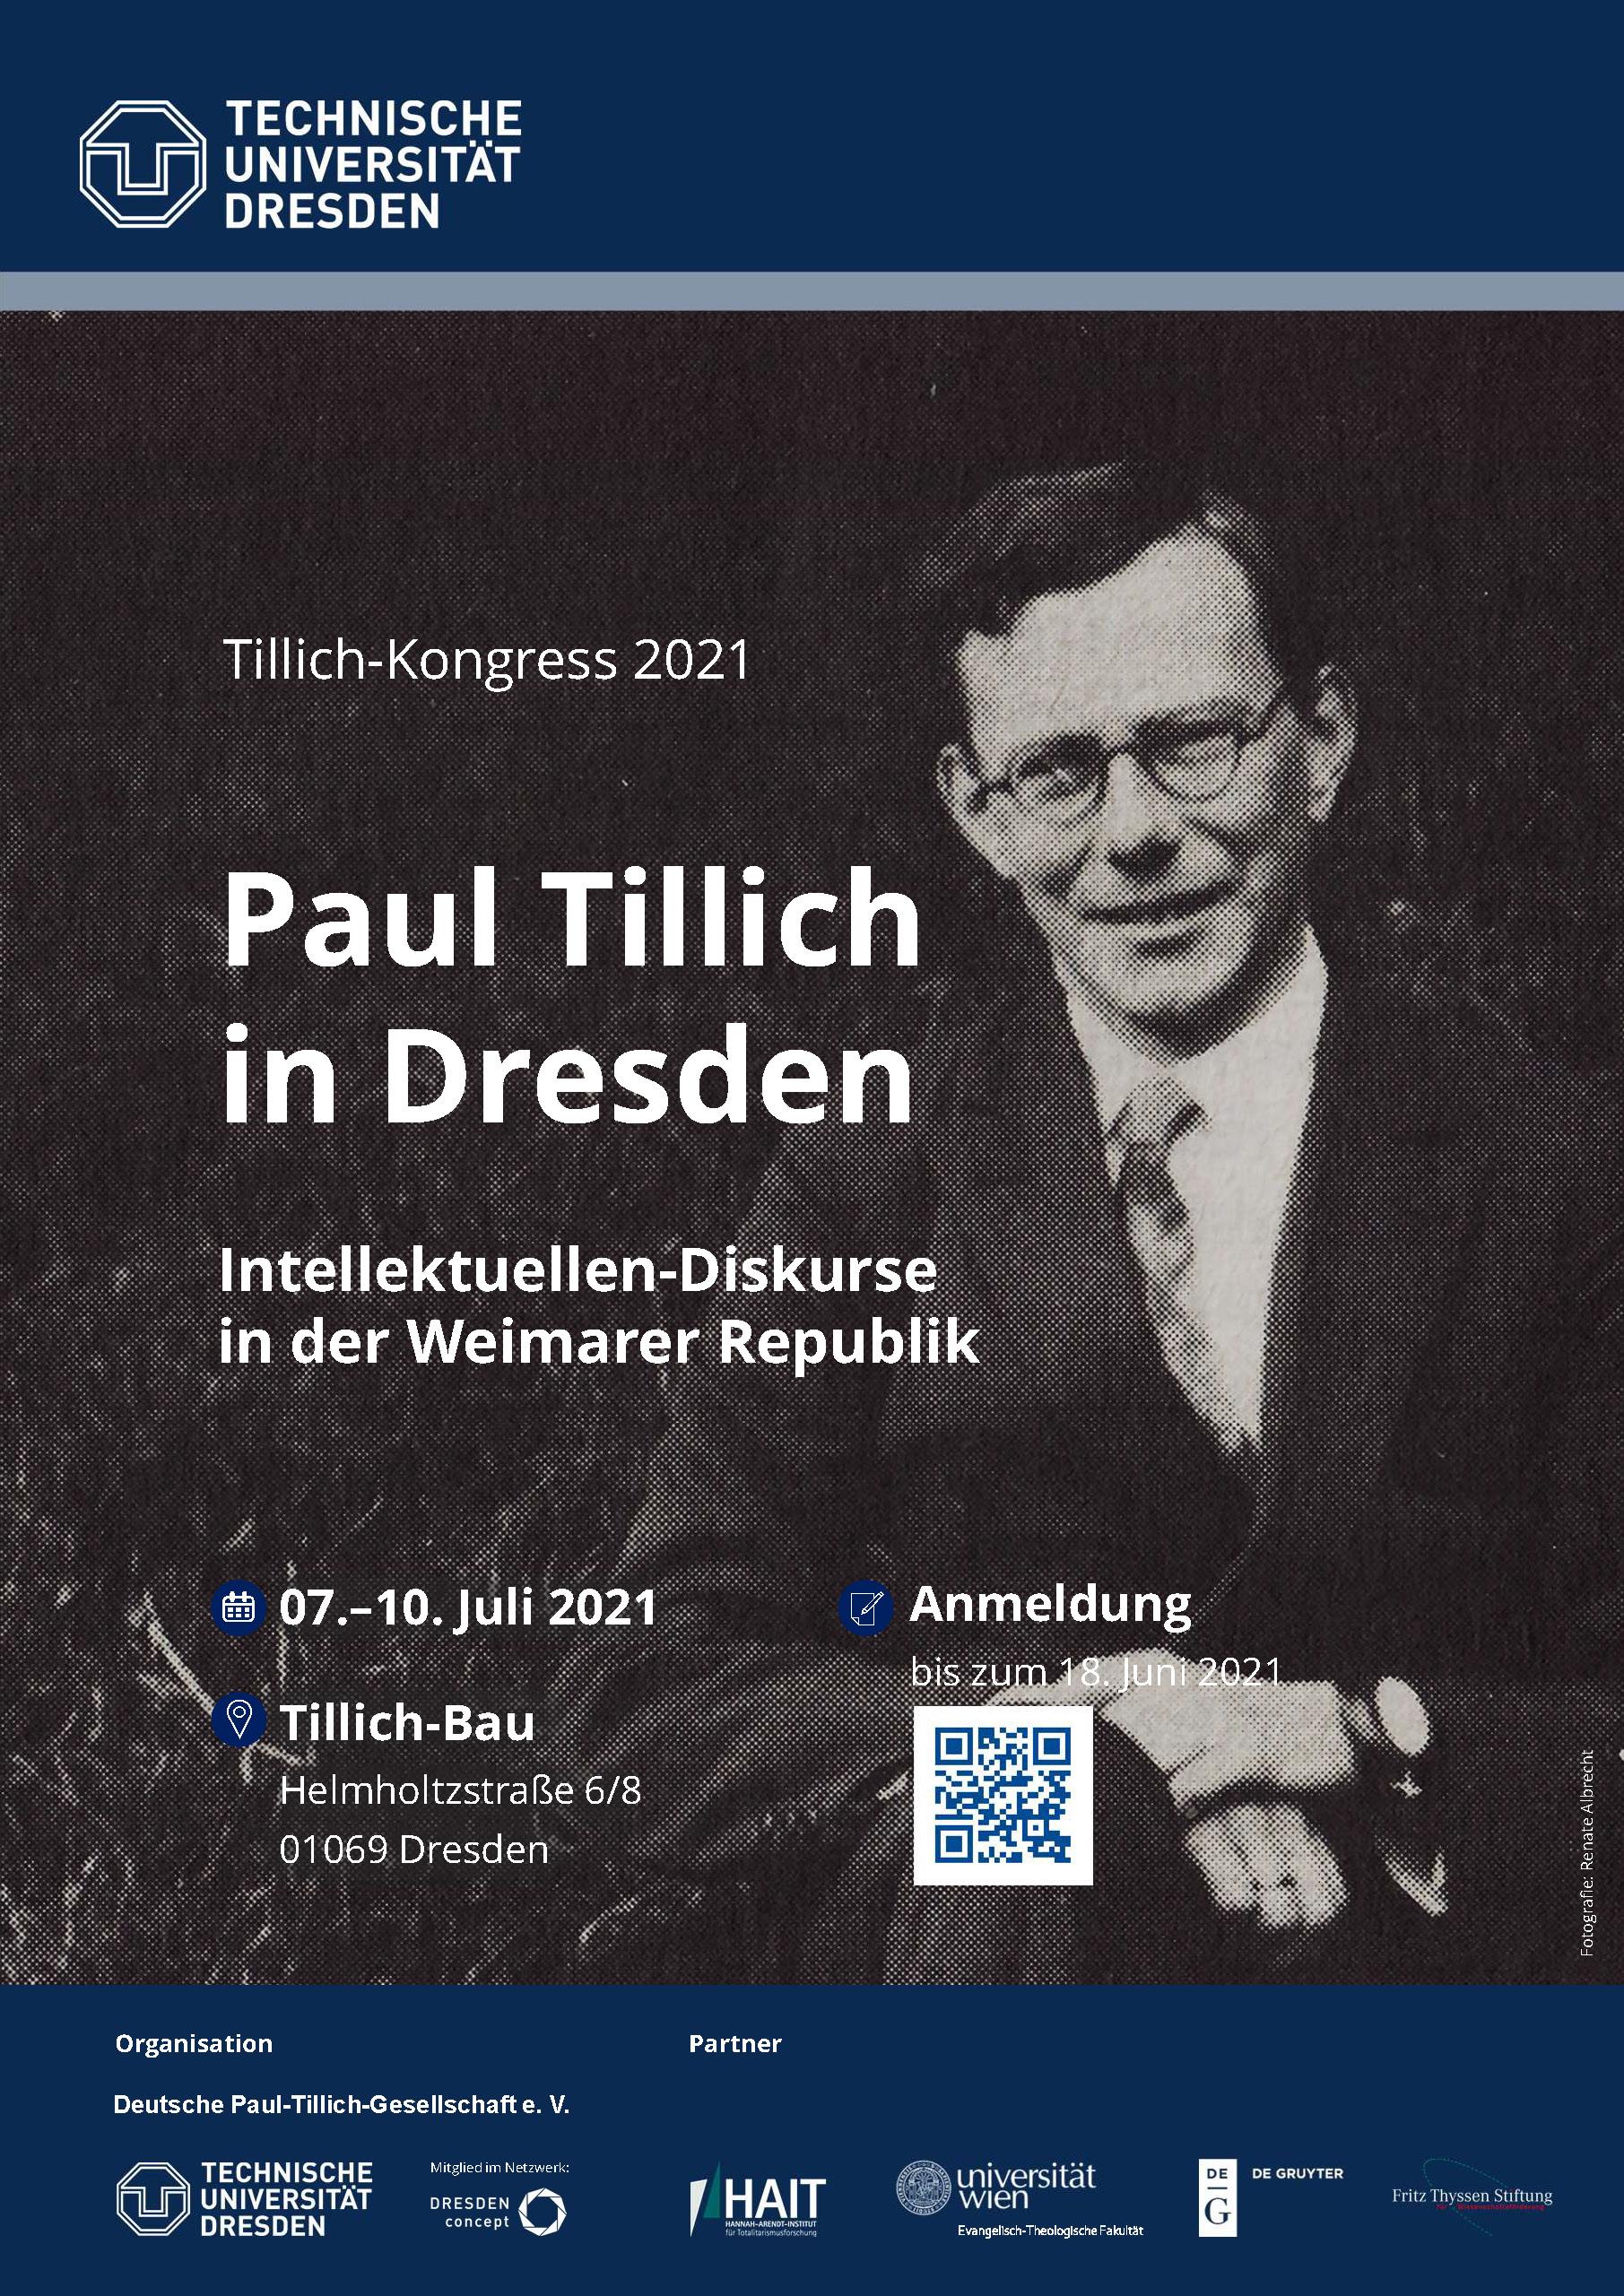 2020-11-06_Plakat Tillich Kongress 2021